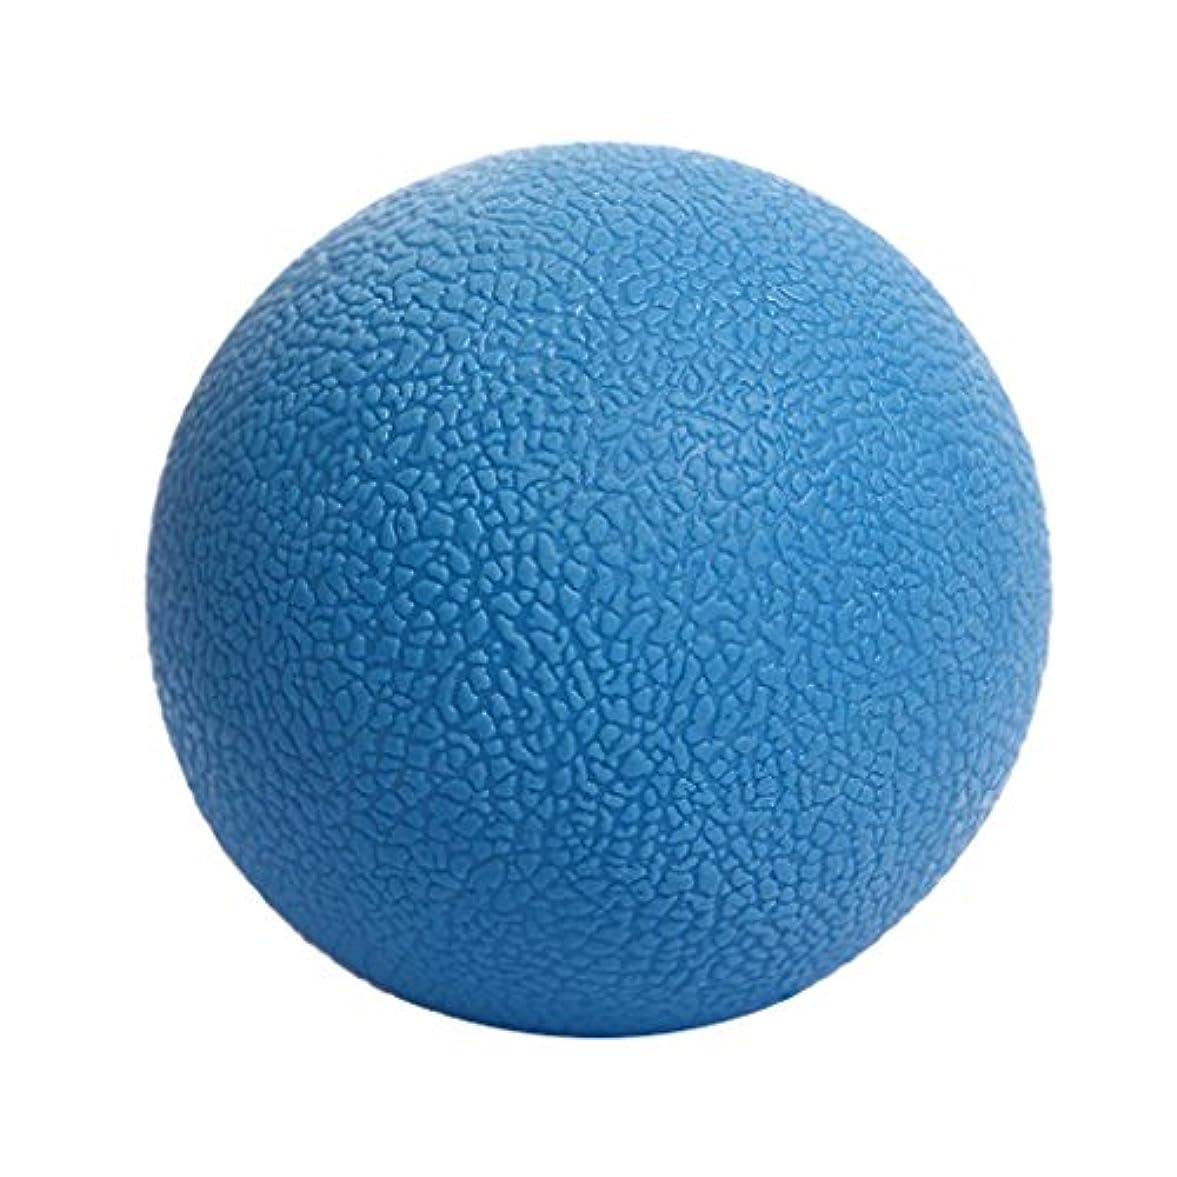 Baoblaze マッサージボール ボディーマッサージ 便利 TPE ヨガ ピラティス 4色選べる - 青